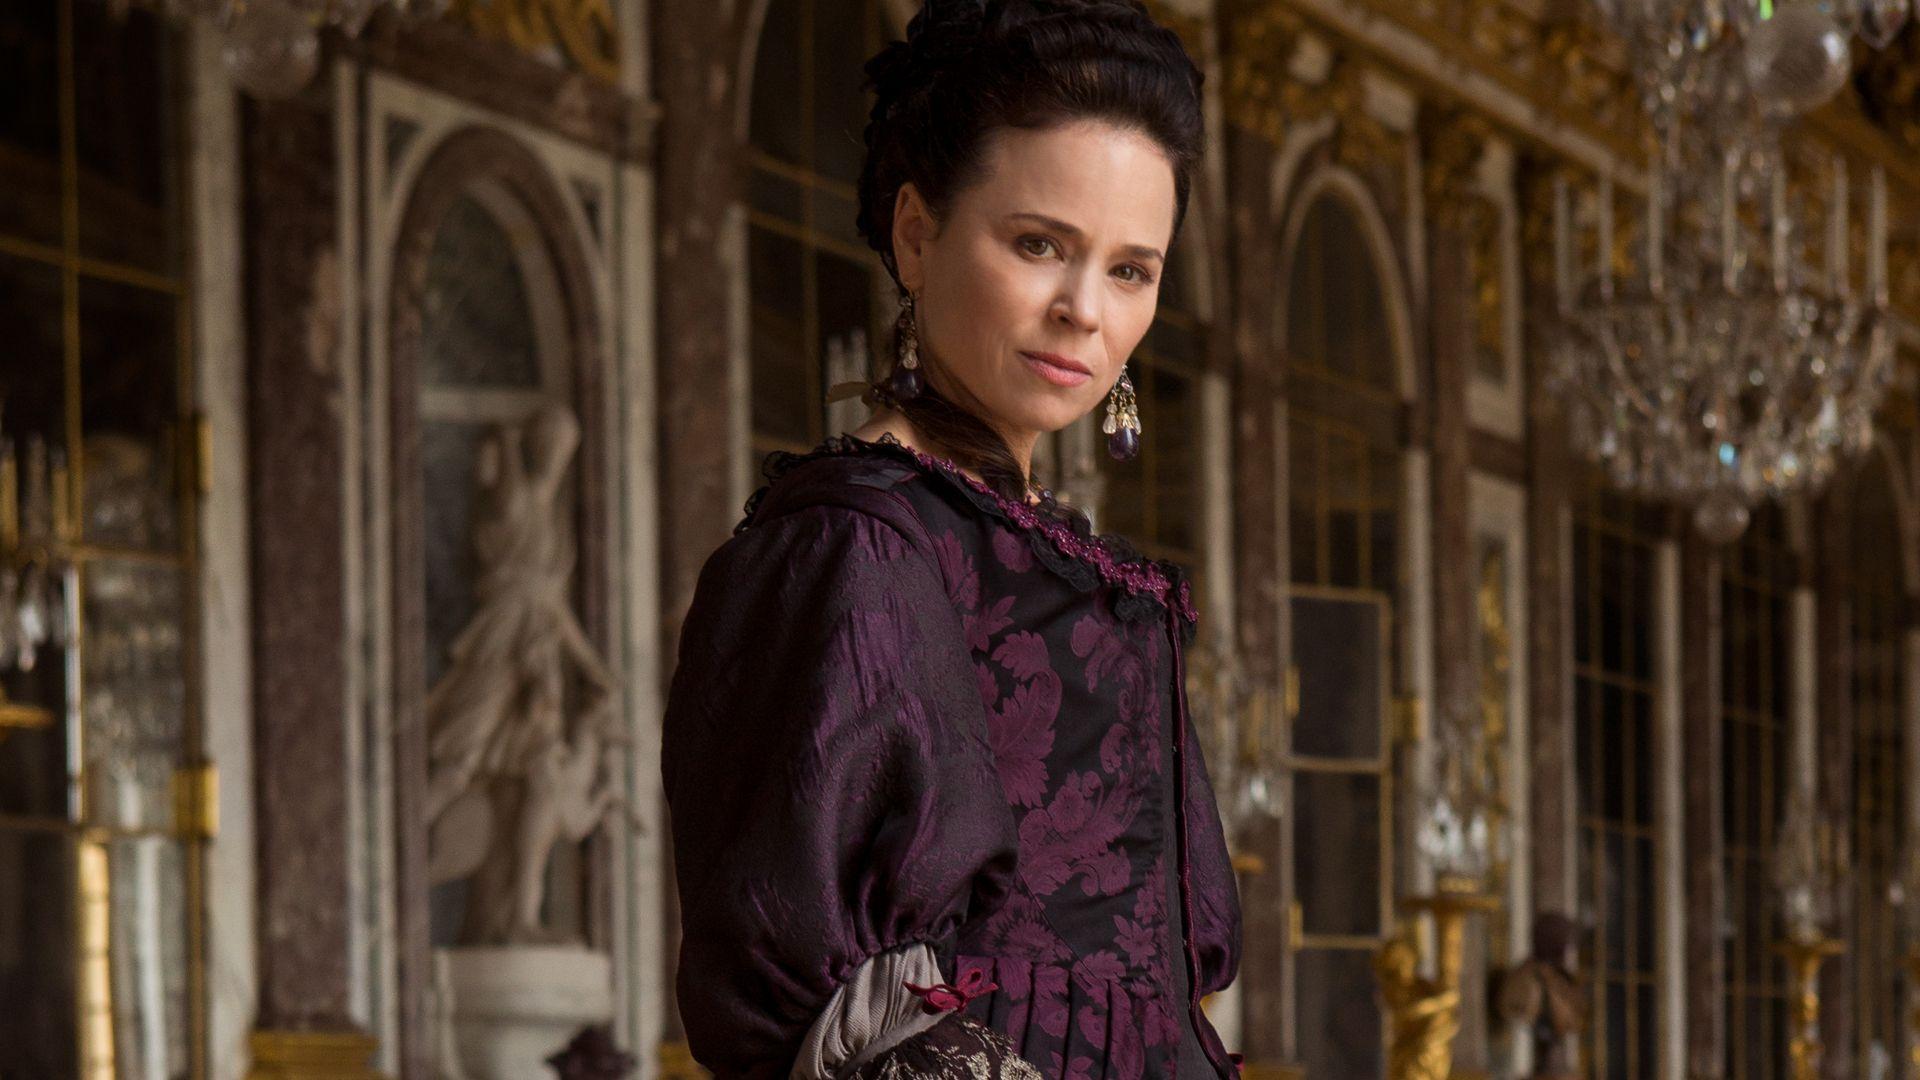 suzanne atriz versailles